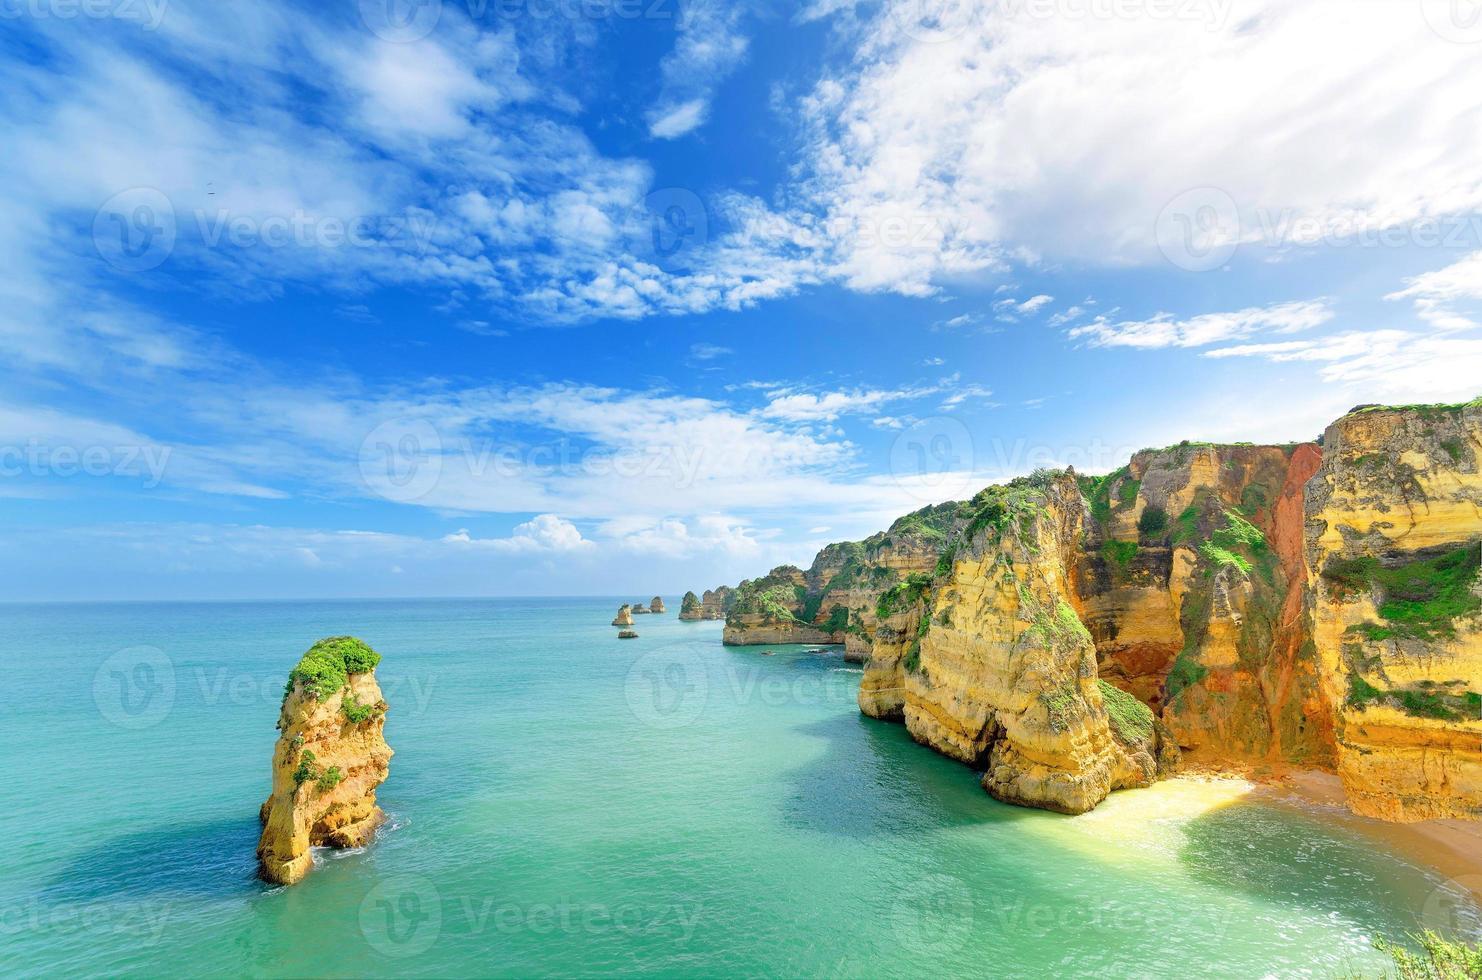 idyllisch strandlandschap bij lagos, algarve, (portugal) foto